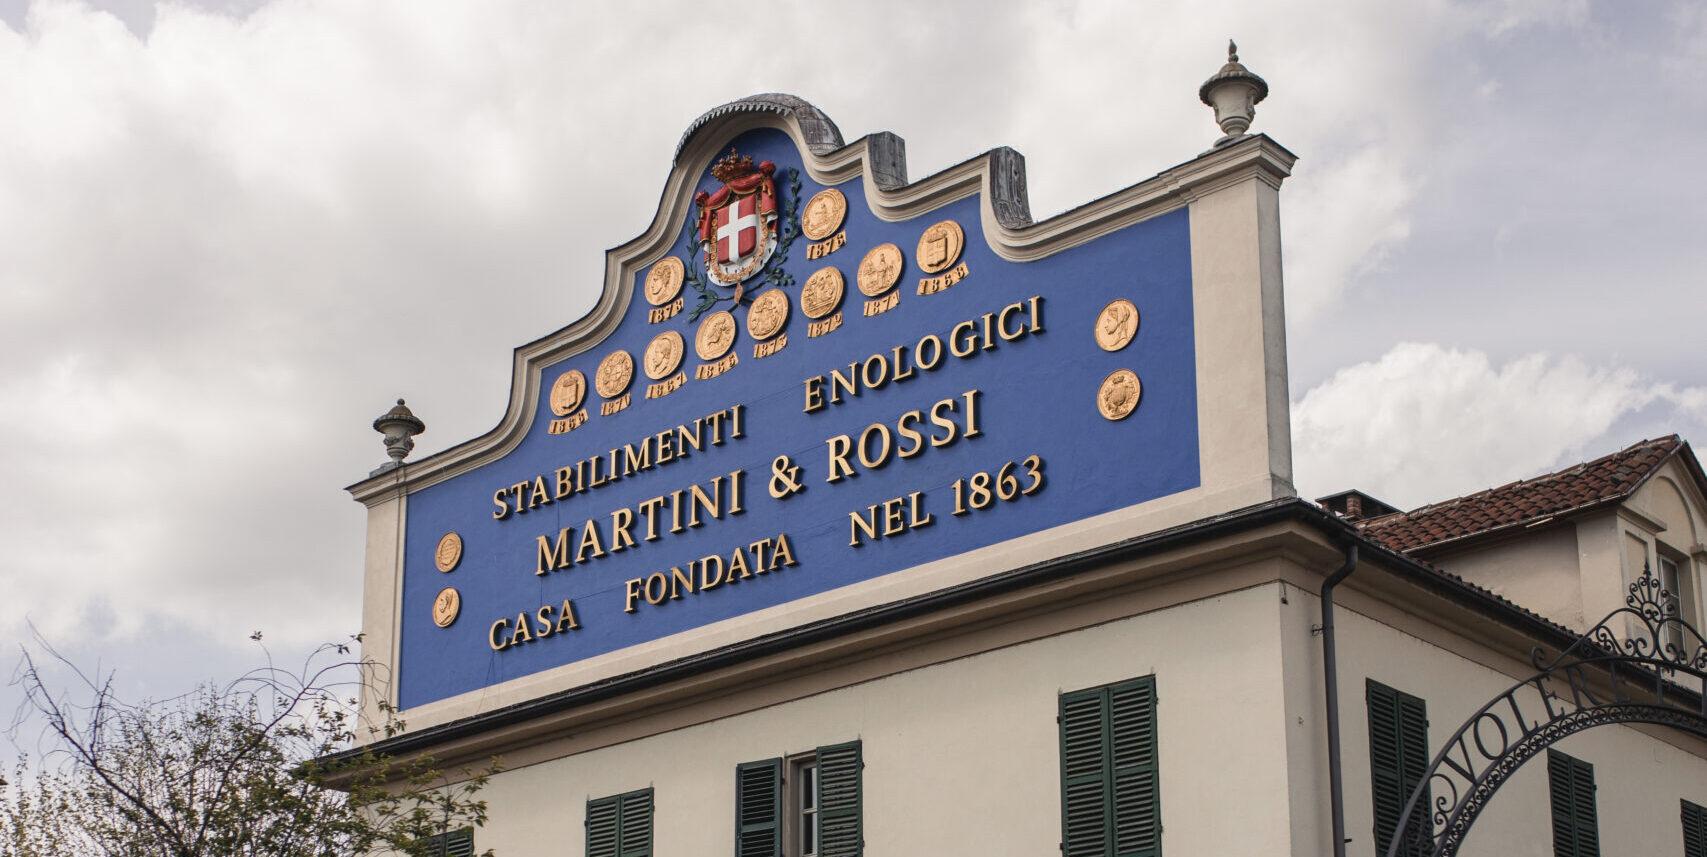 Visita a Casa Martini, la fábrica de bebidas alcohólicas que nació en Turín